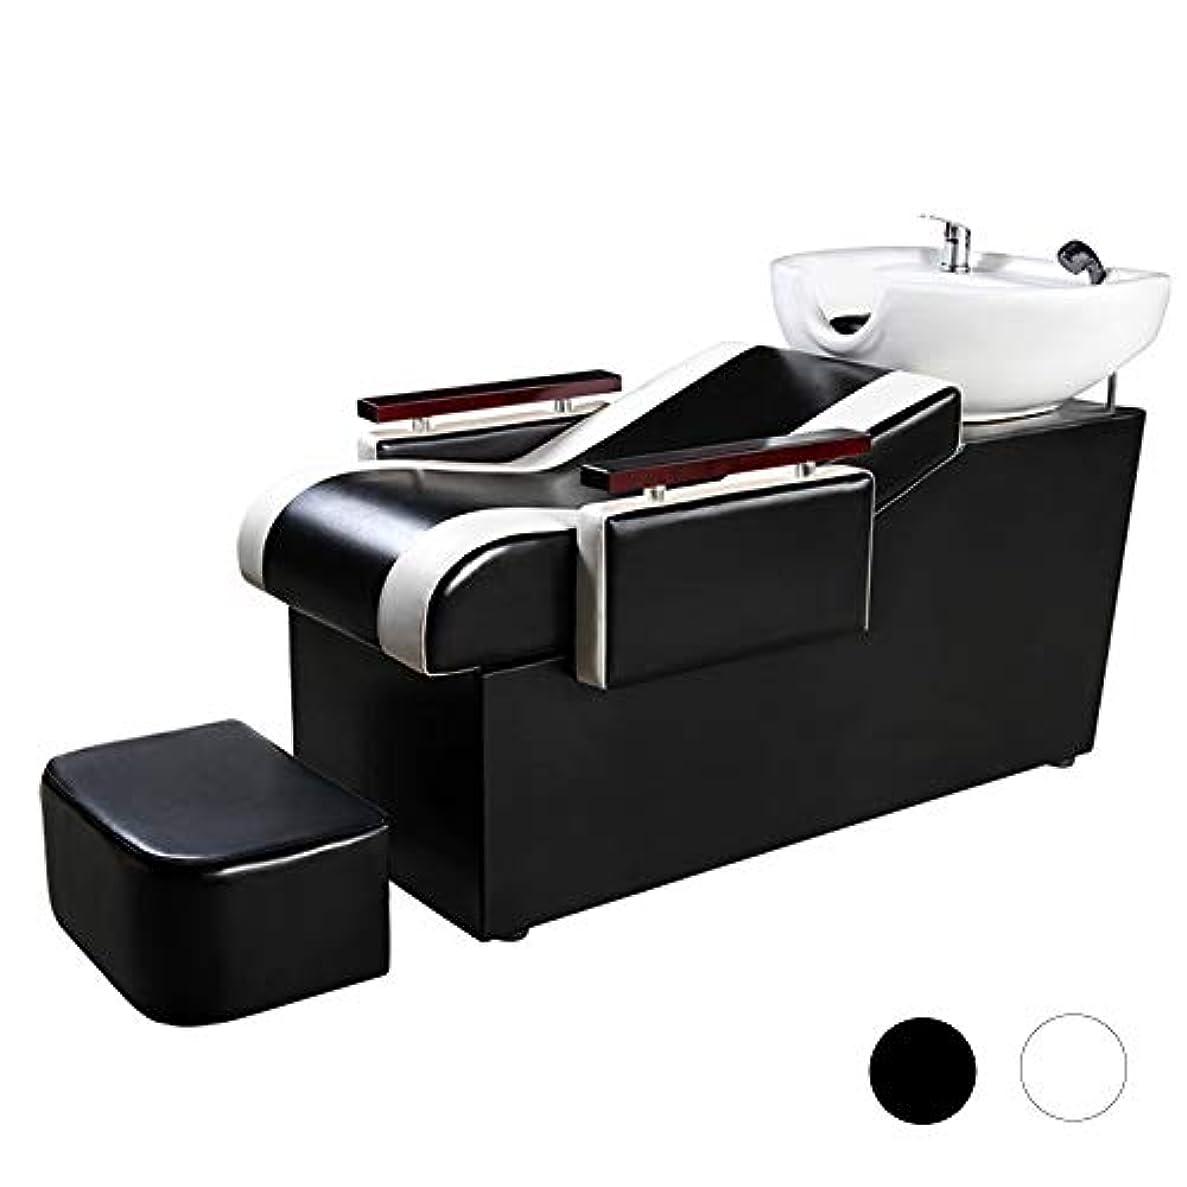 パッチエチケット自分のためにシャンプーチェア、スパ用美容院設備用シャンプーボウル理髪シンクチェアシャンプーベッド(ブラック)